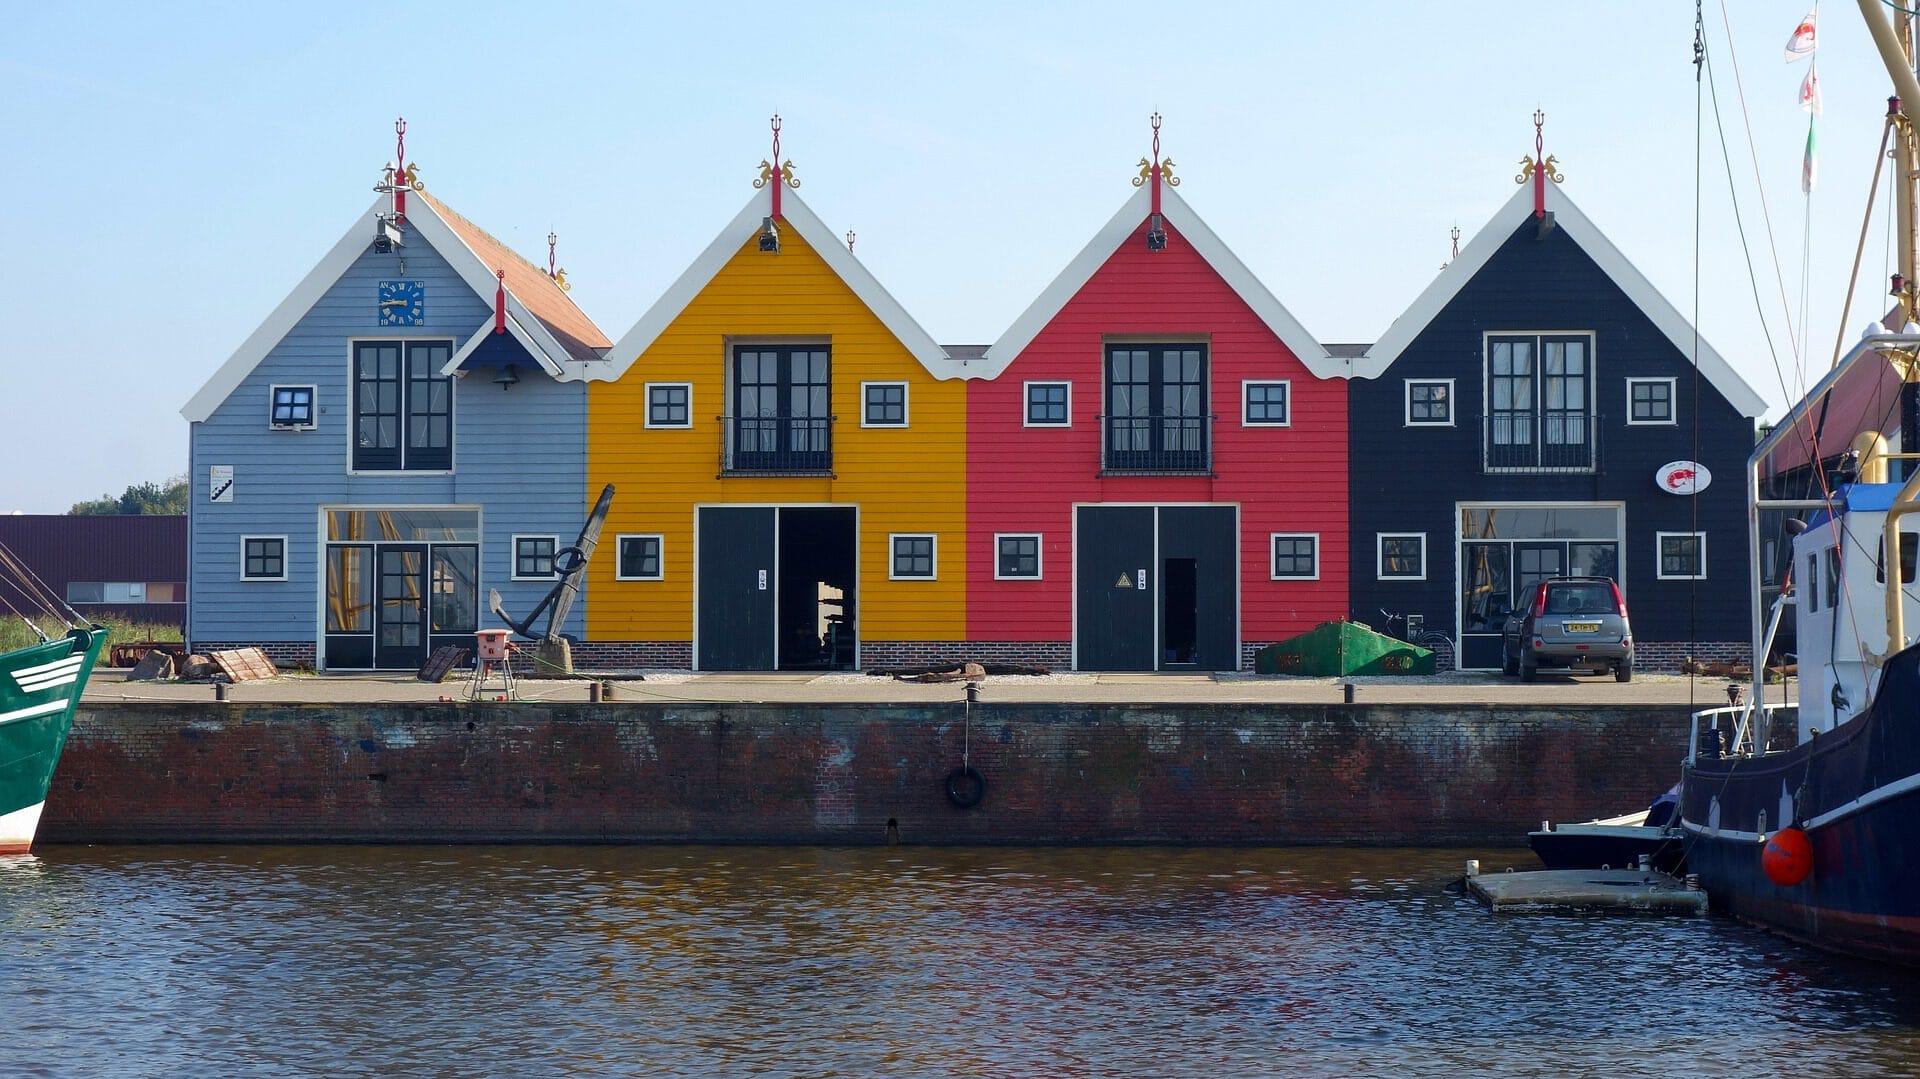 groningen pixabay - De 16 mooiste plekken in Groningen voor een dagje uit (+ tips voor uitjes!)